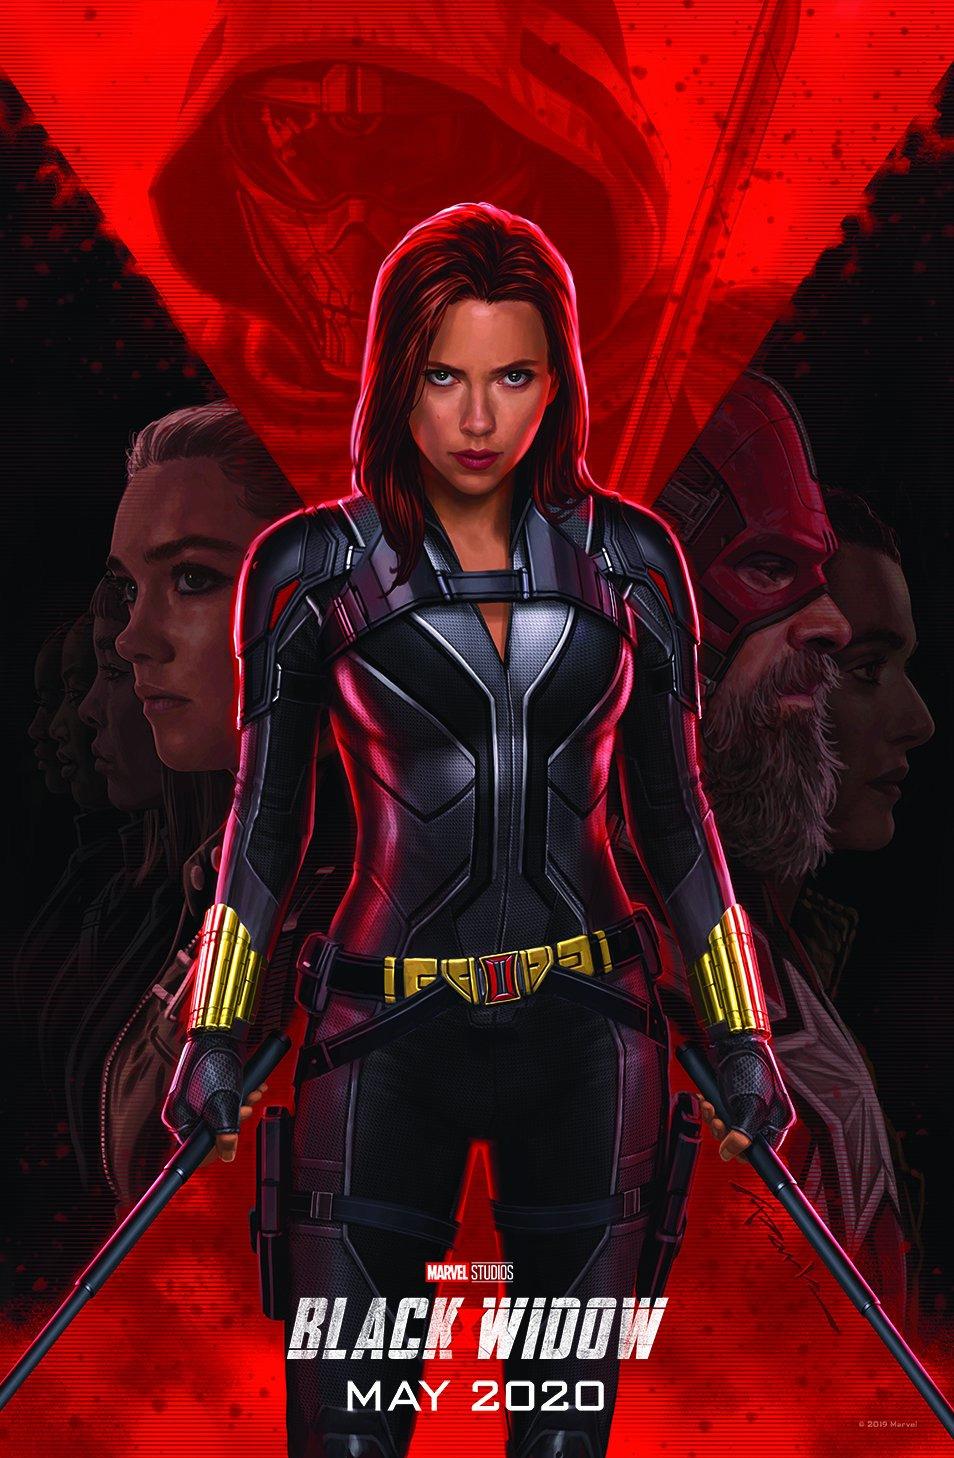 szmk_marvel_black_widow_fekete_ozvegy_bosszuallok_budapest_avengers_natasha_romanoff_7.jpg